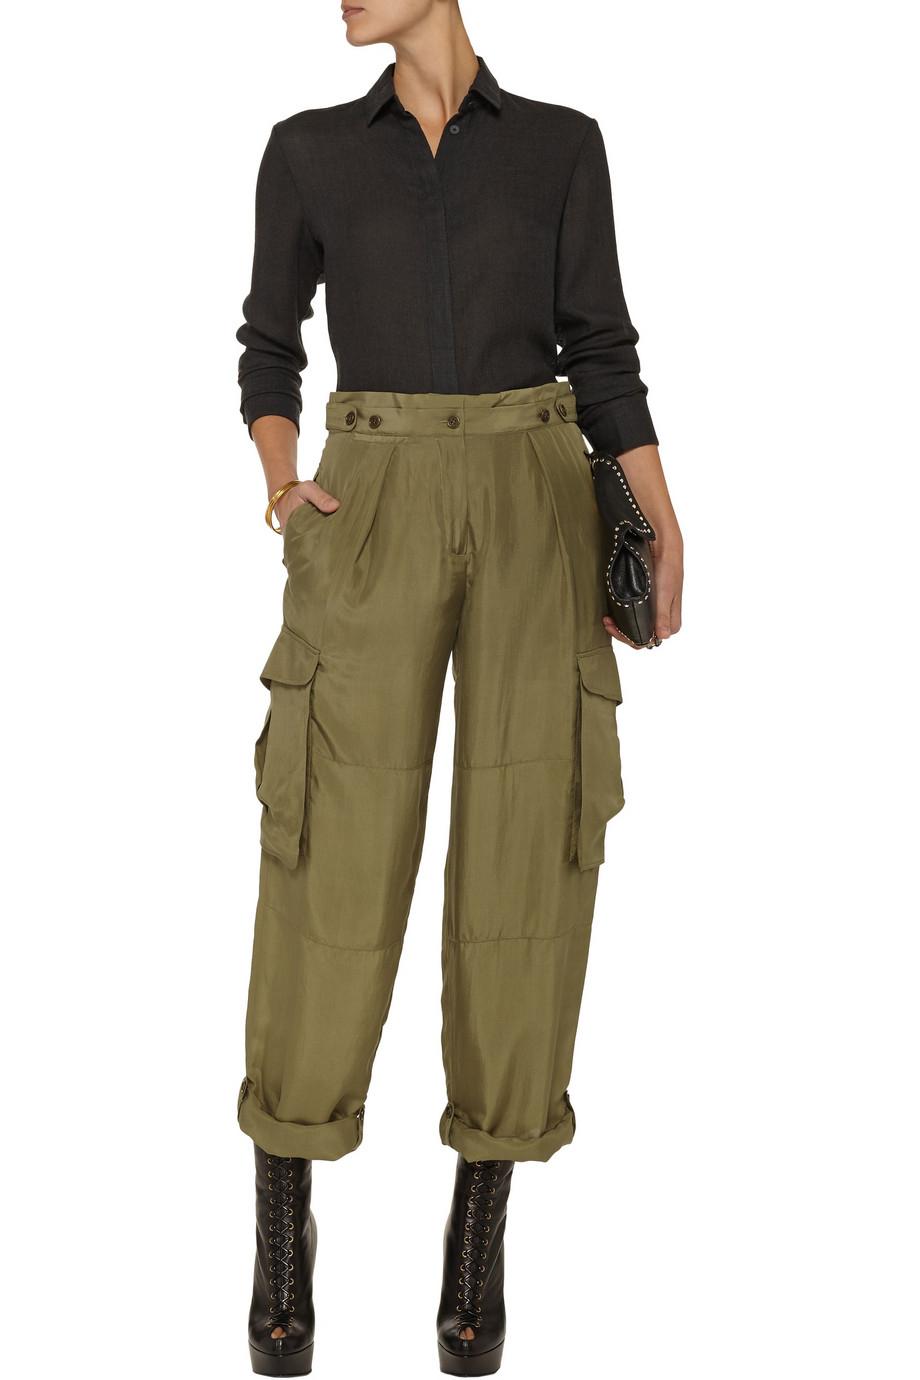 Alexander mcqueen Silk Cargo Pants in Green | Lyst